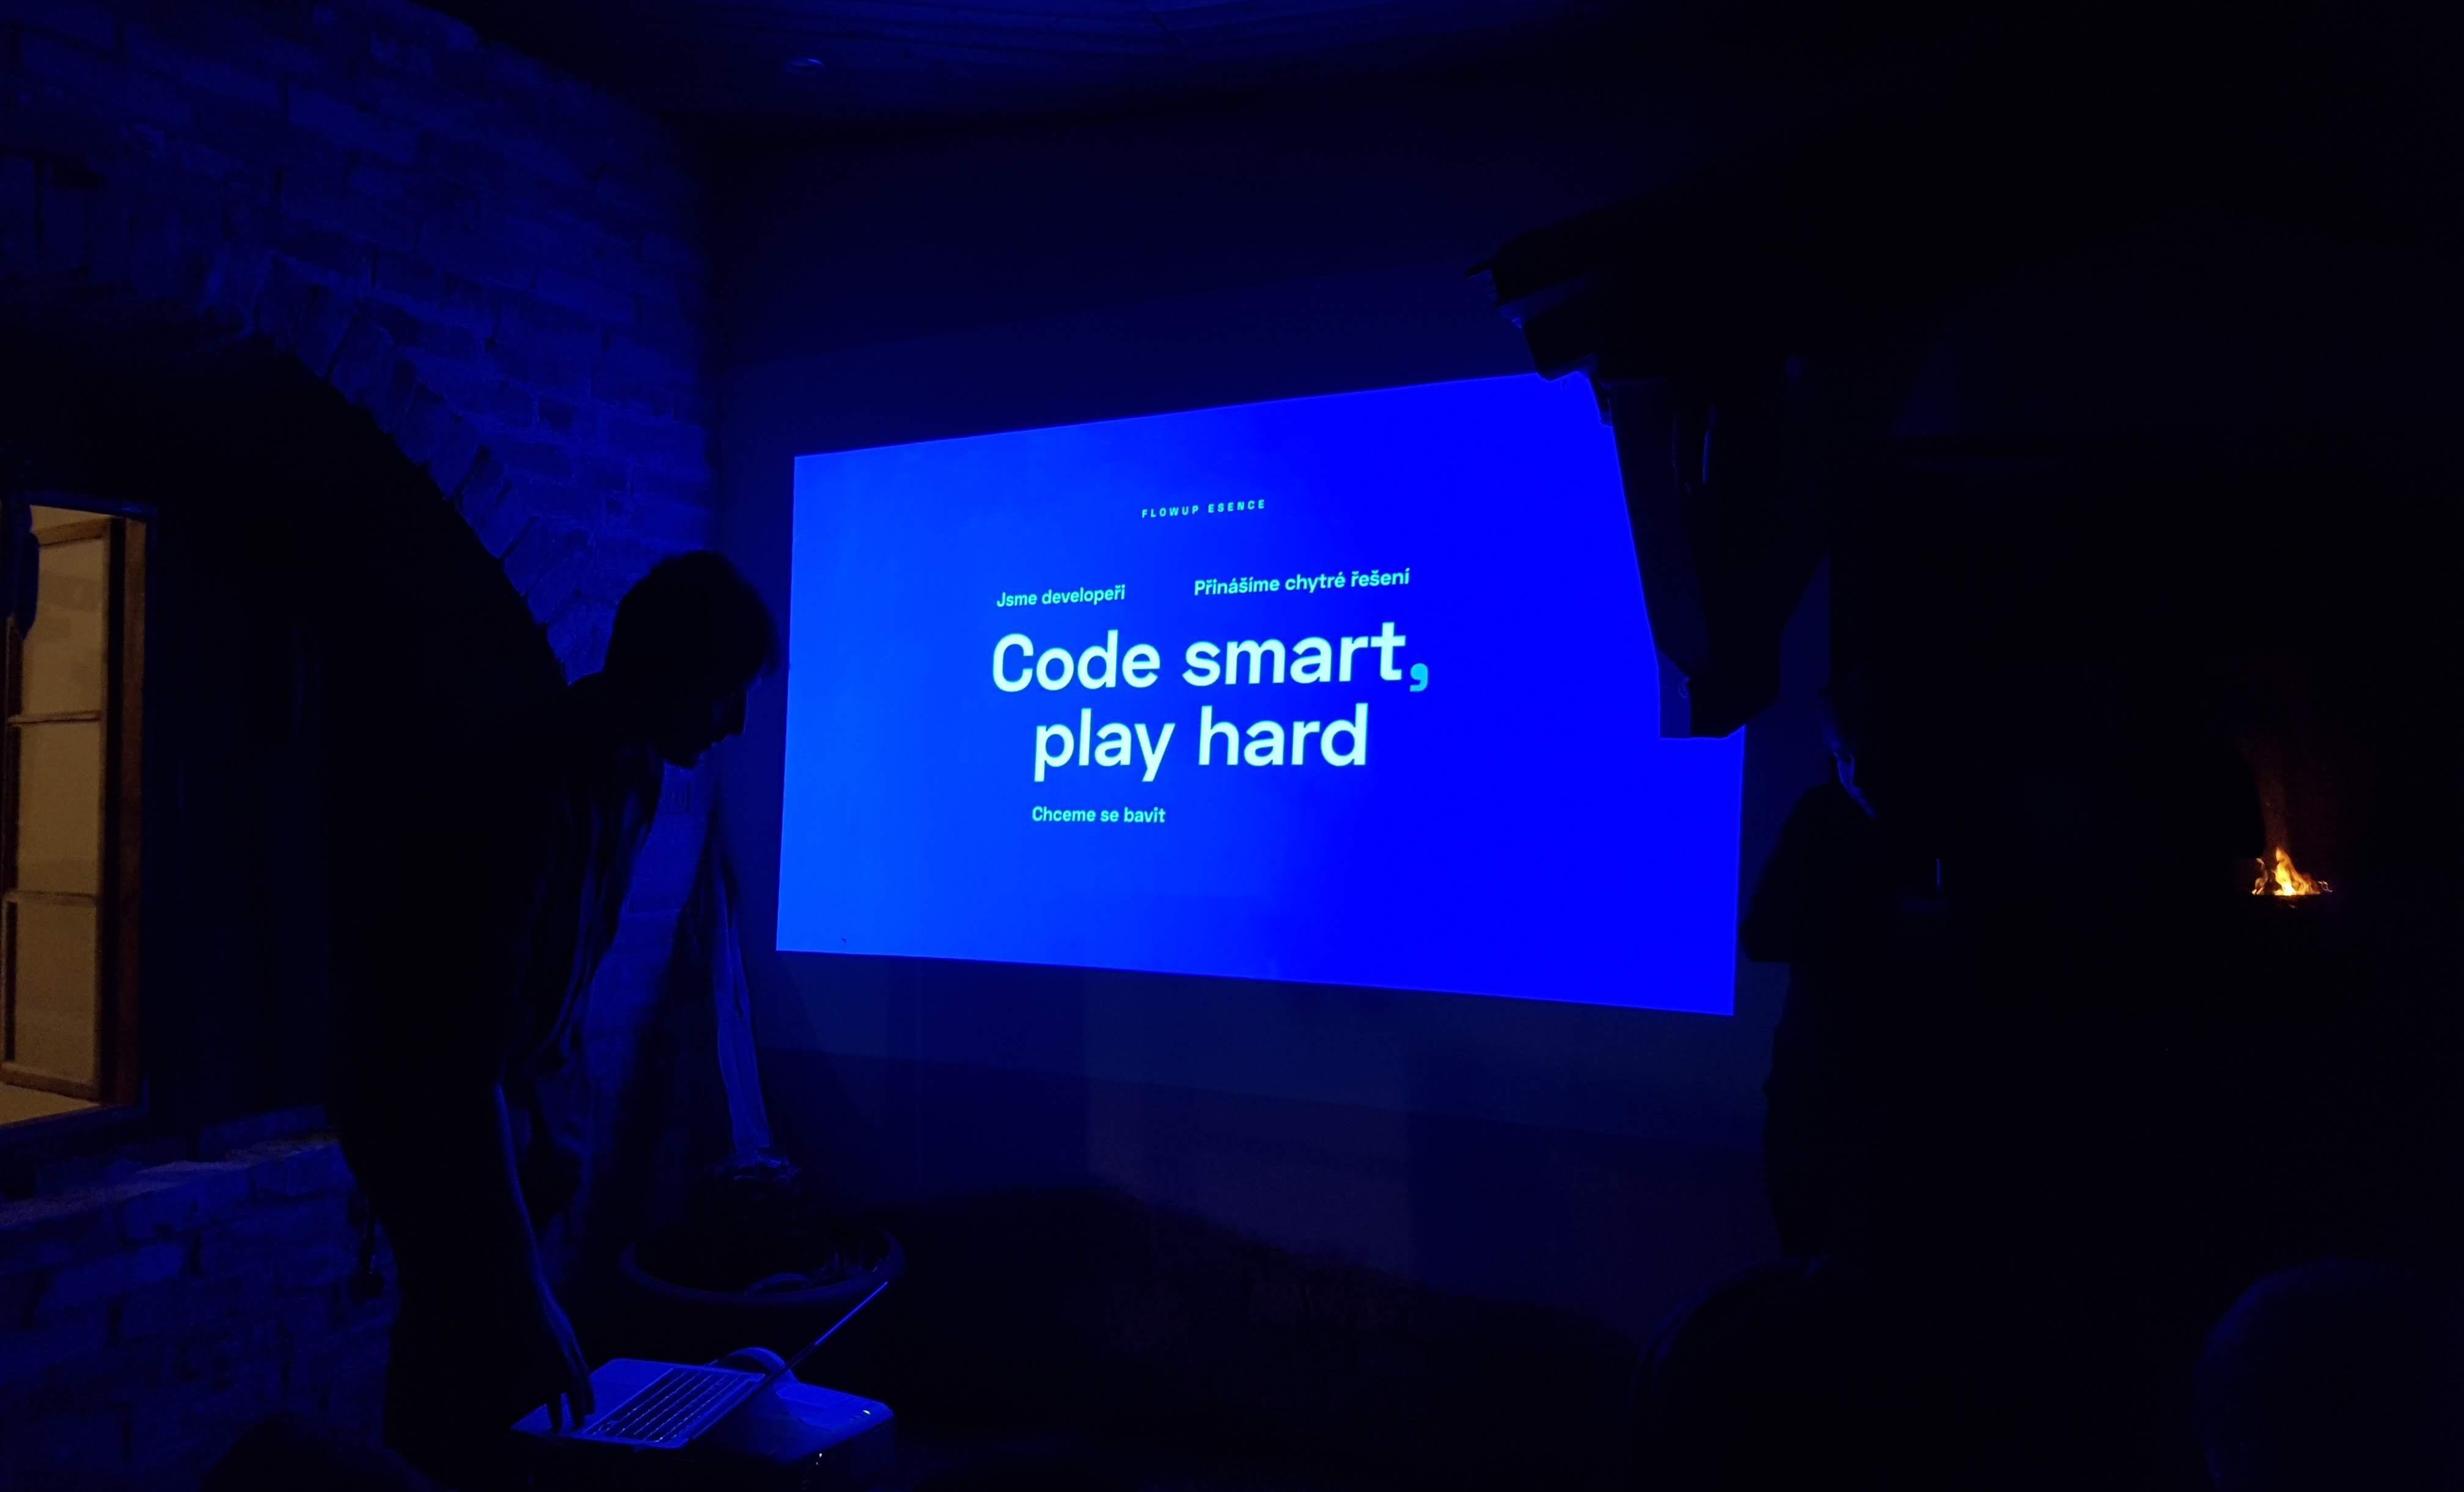 Let me use the famous Lev's quote: Jak myslis... Code smart?